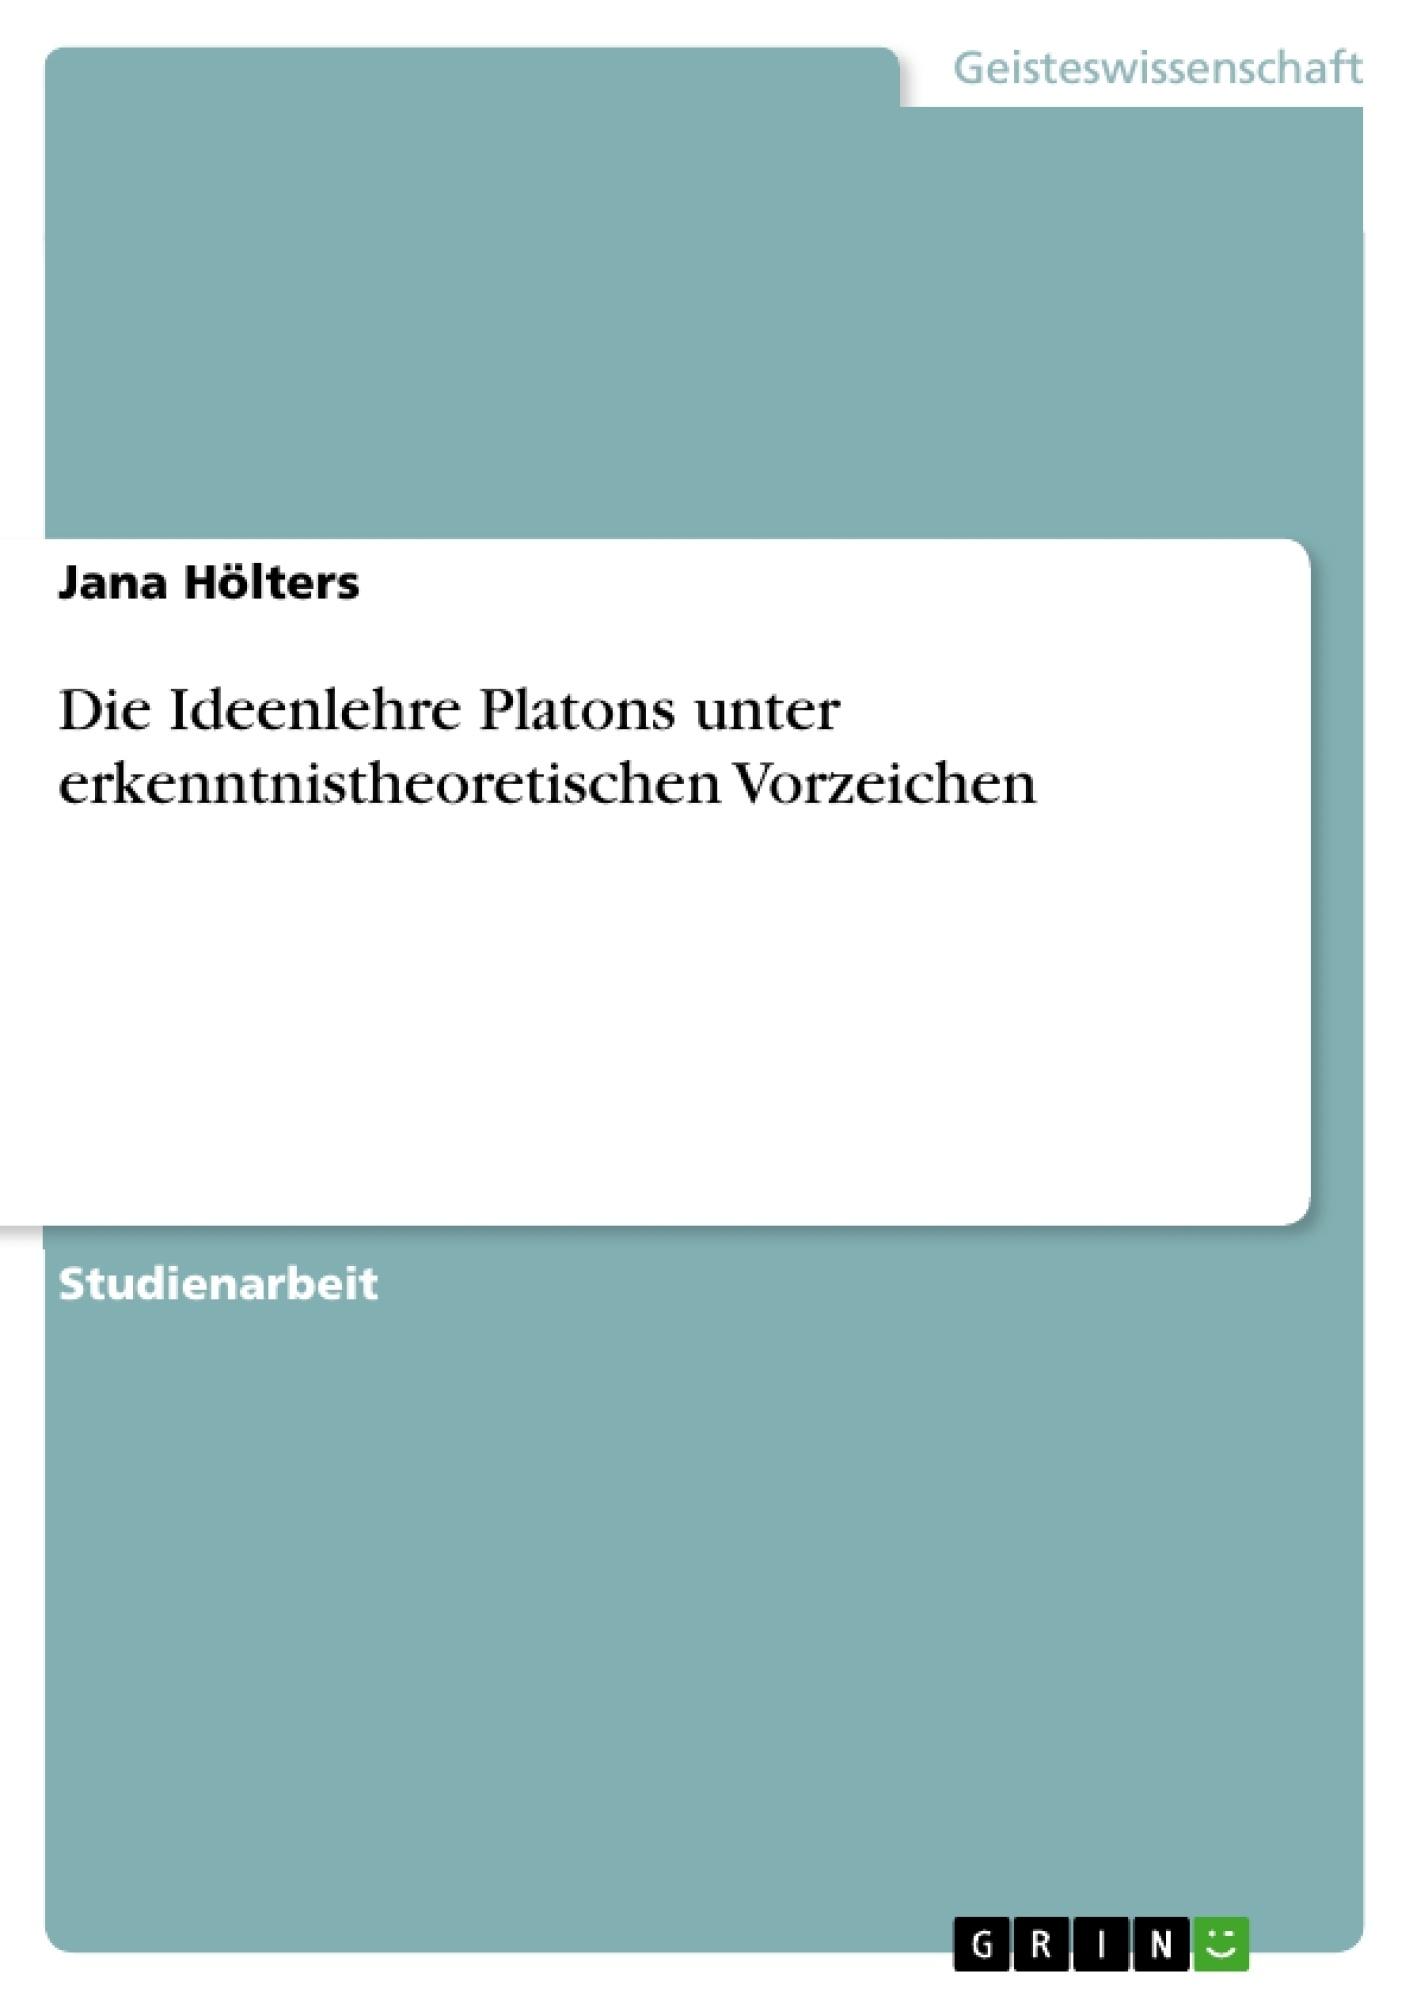 Titel: Die Ideenlehre Platons unter erkenntnistheoretischen Vorzeichen